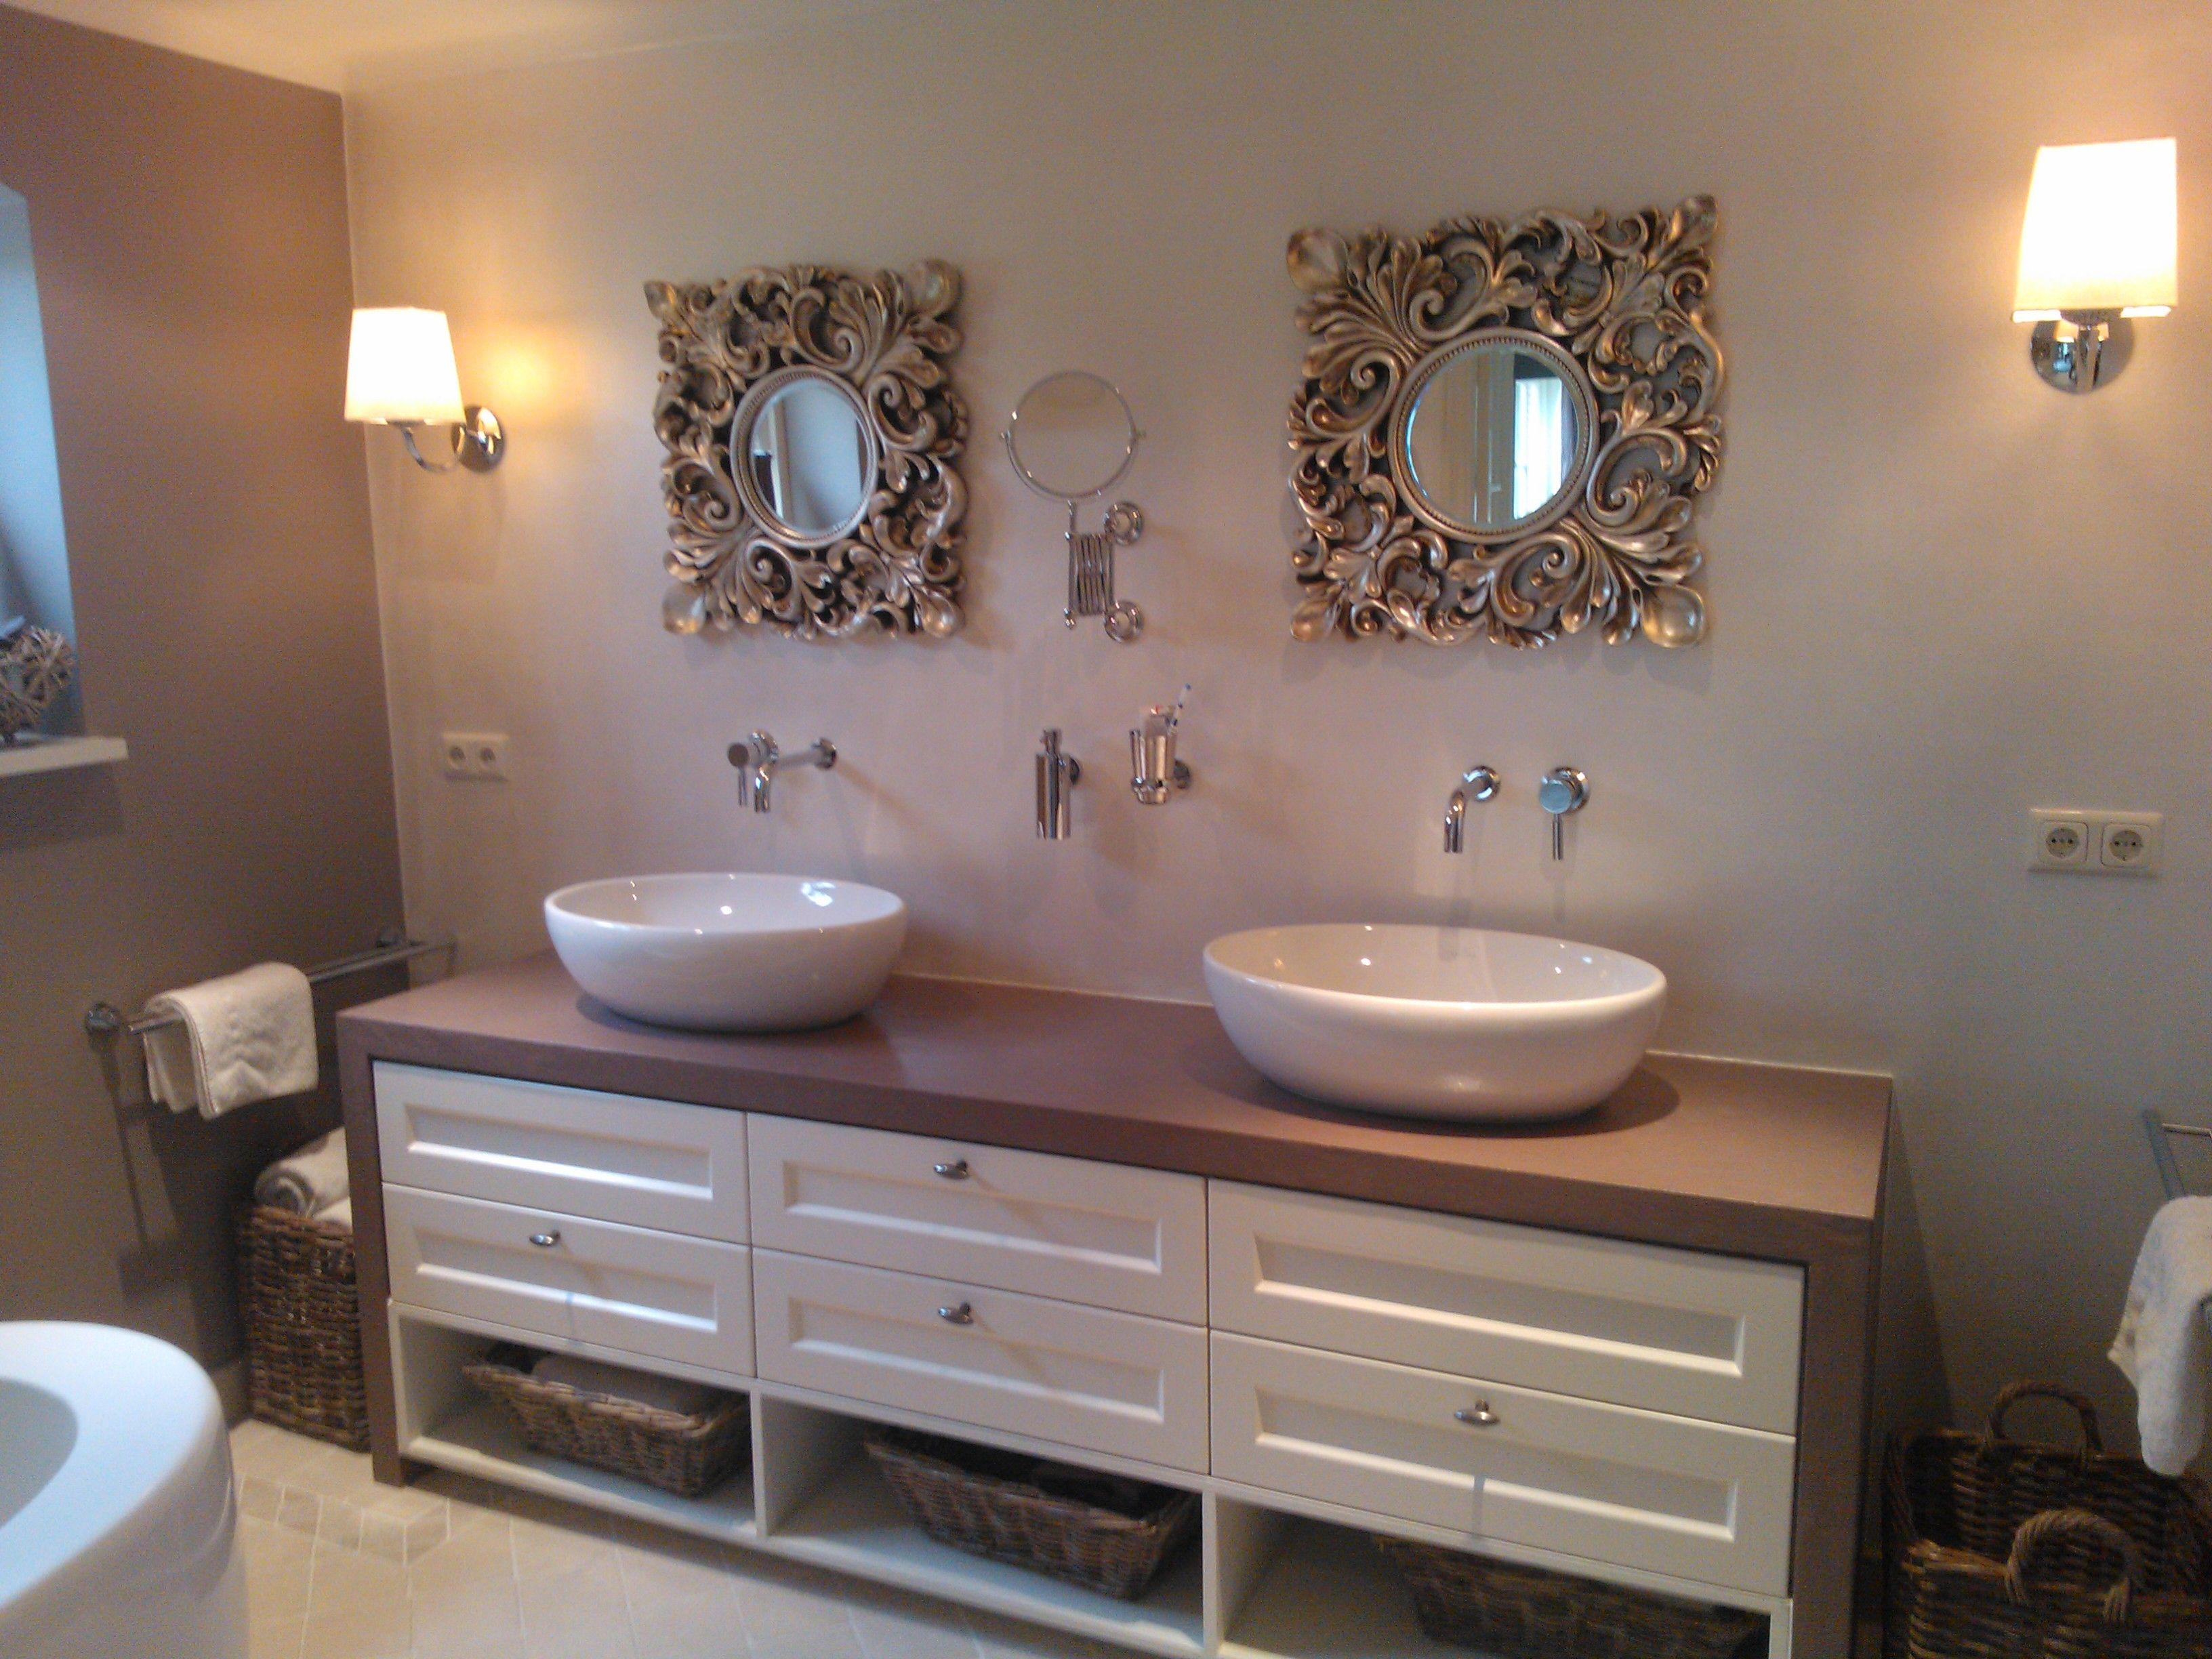 mooi wastafelmeubel van betoncirepro icm houten laden badkamer